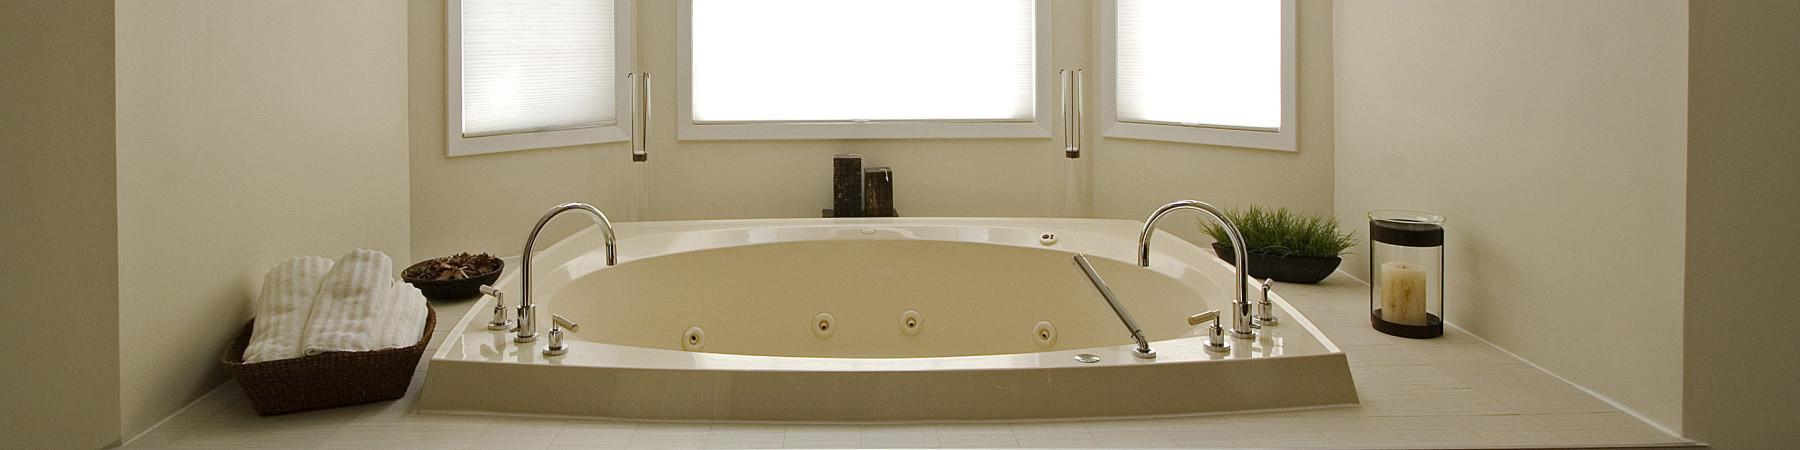 Lekkage in de badkamer? Met een polyester badkamer vloer niet...